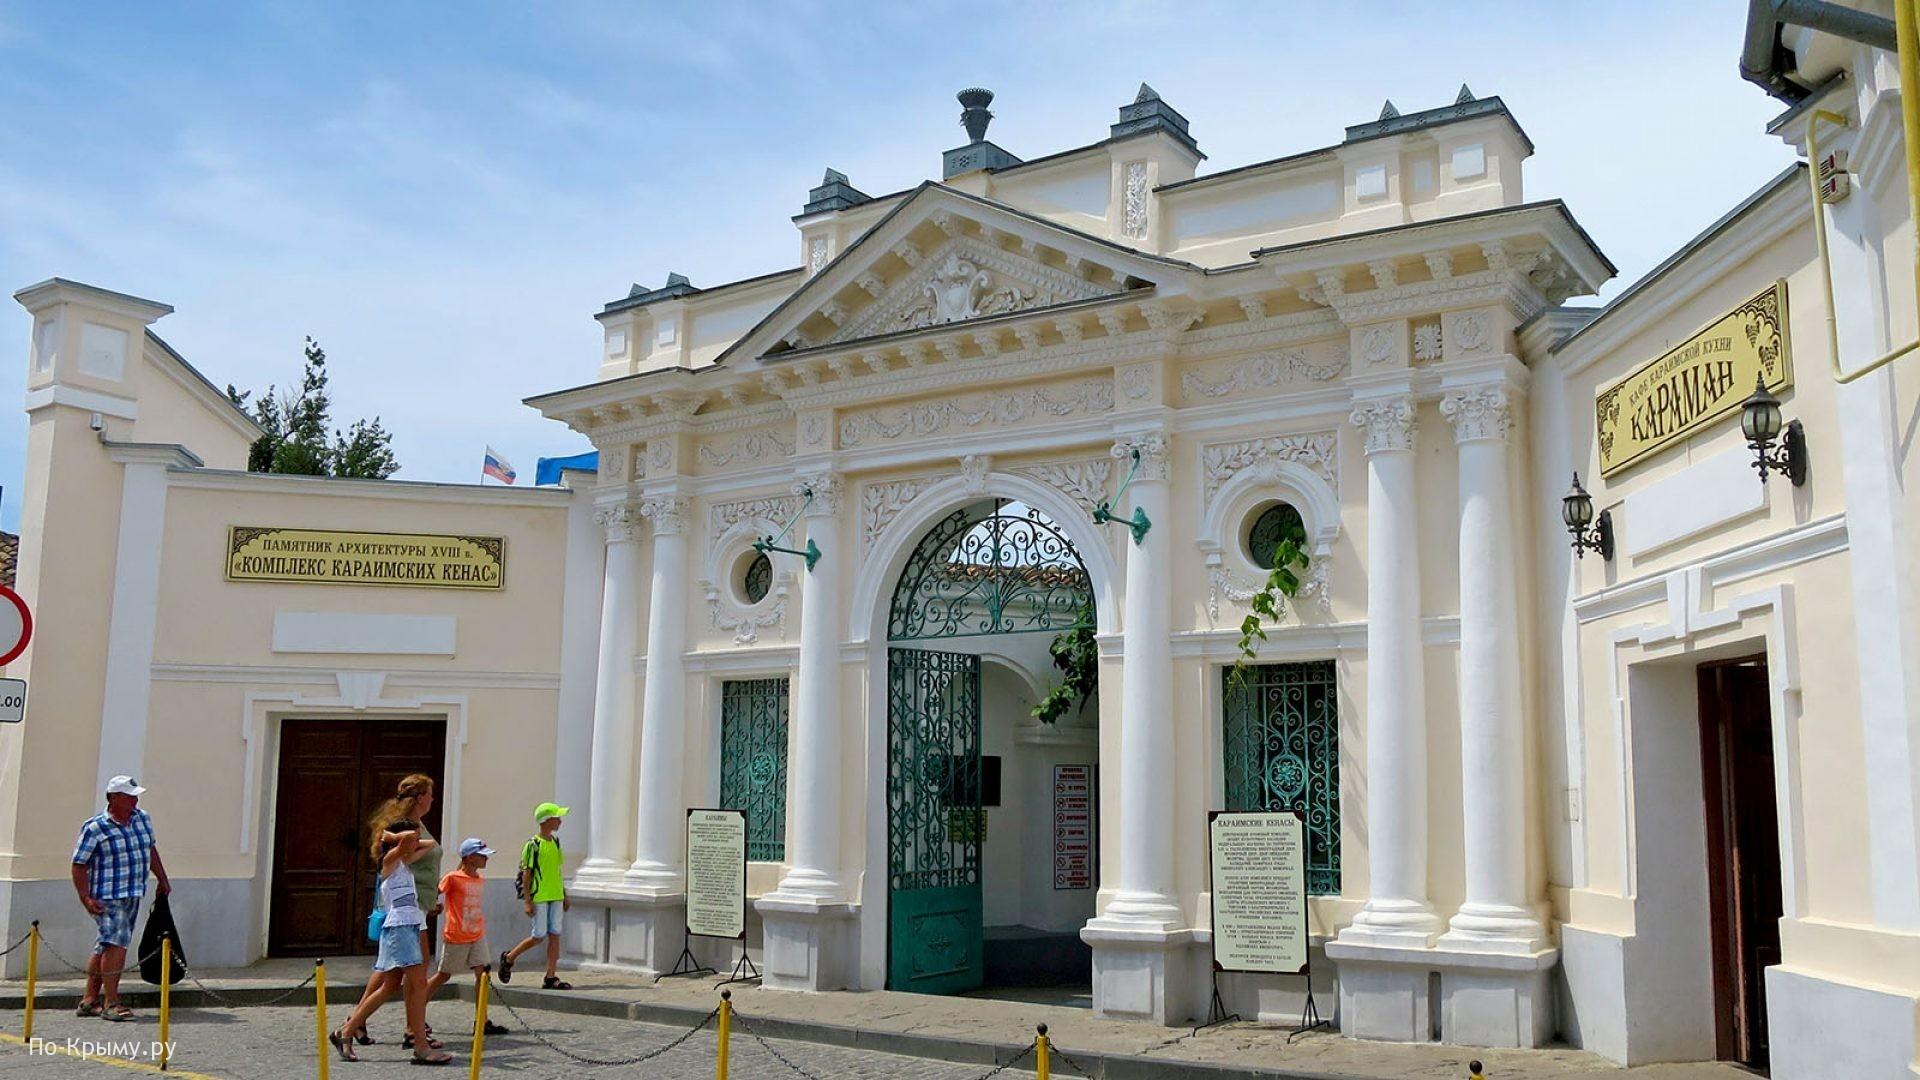 Караимские кенасы, достопримечательности Крыма